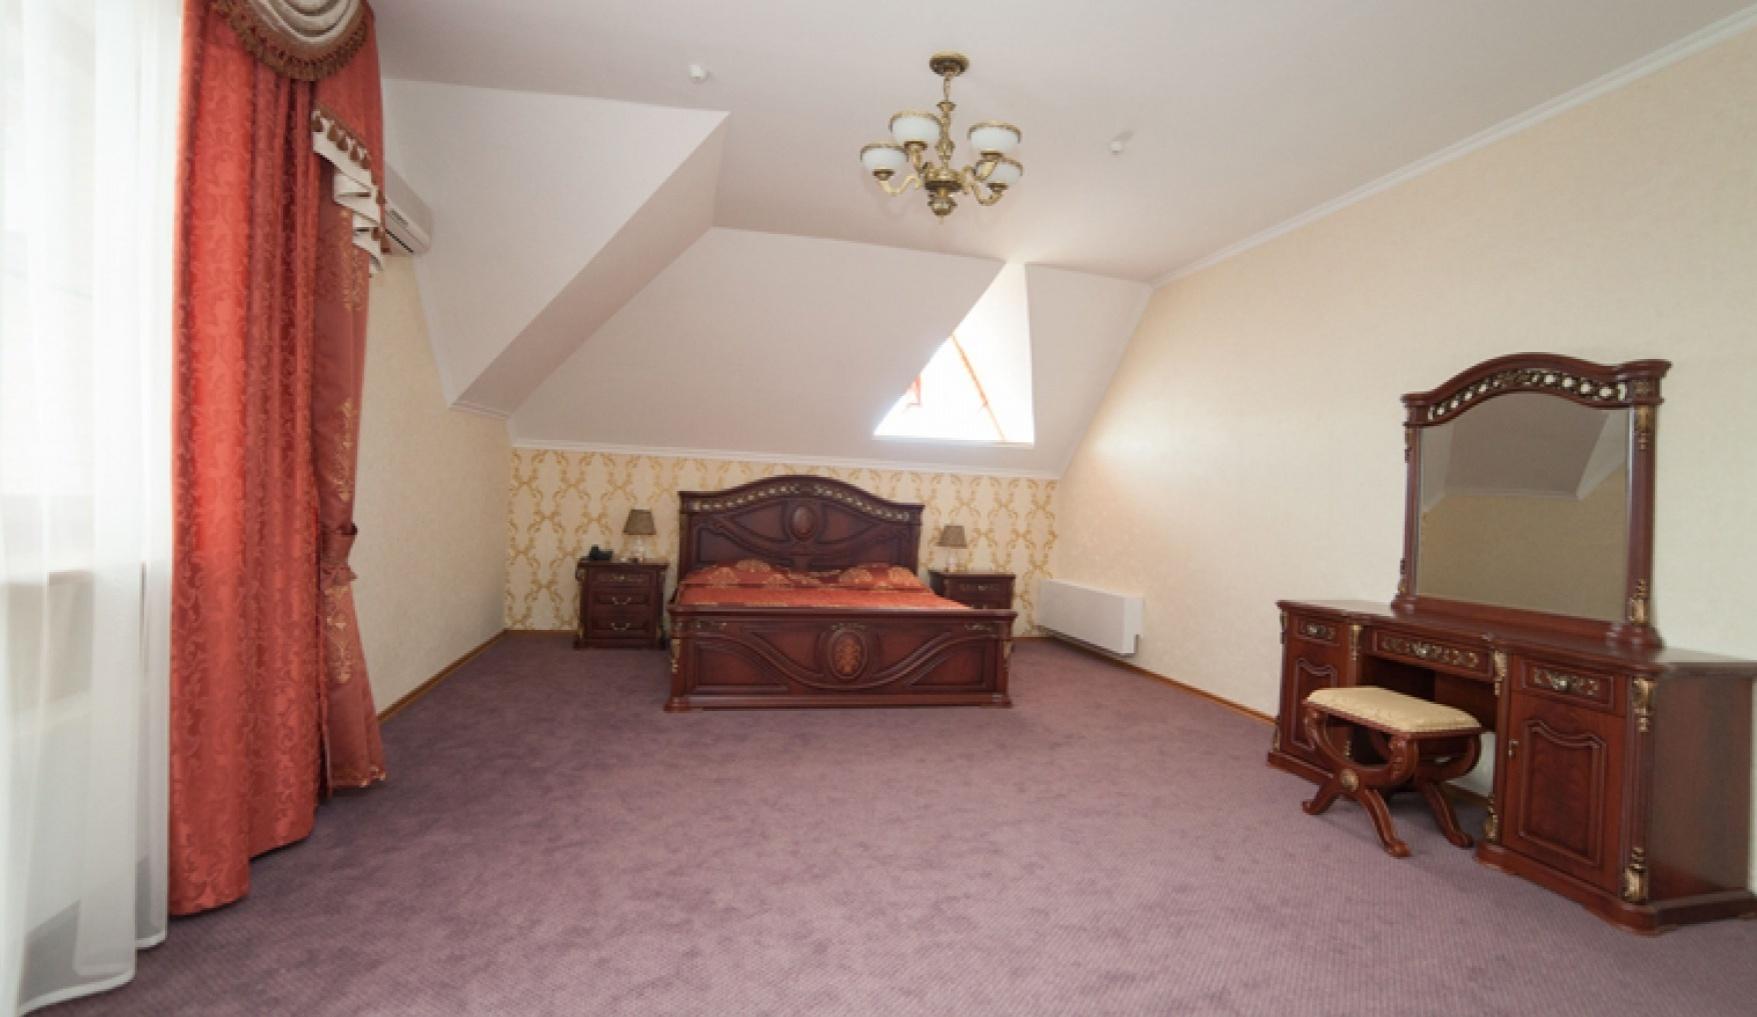 База отдыха «Улыбка» Белгородская область Номер «Люкс 2-комнатный» в коттедже, фото 1